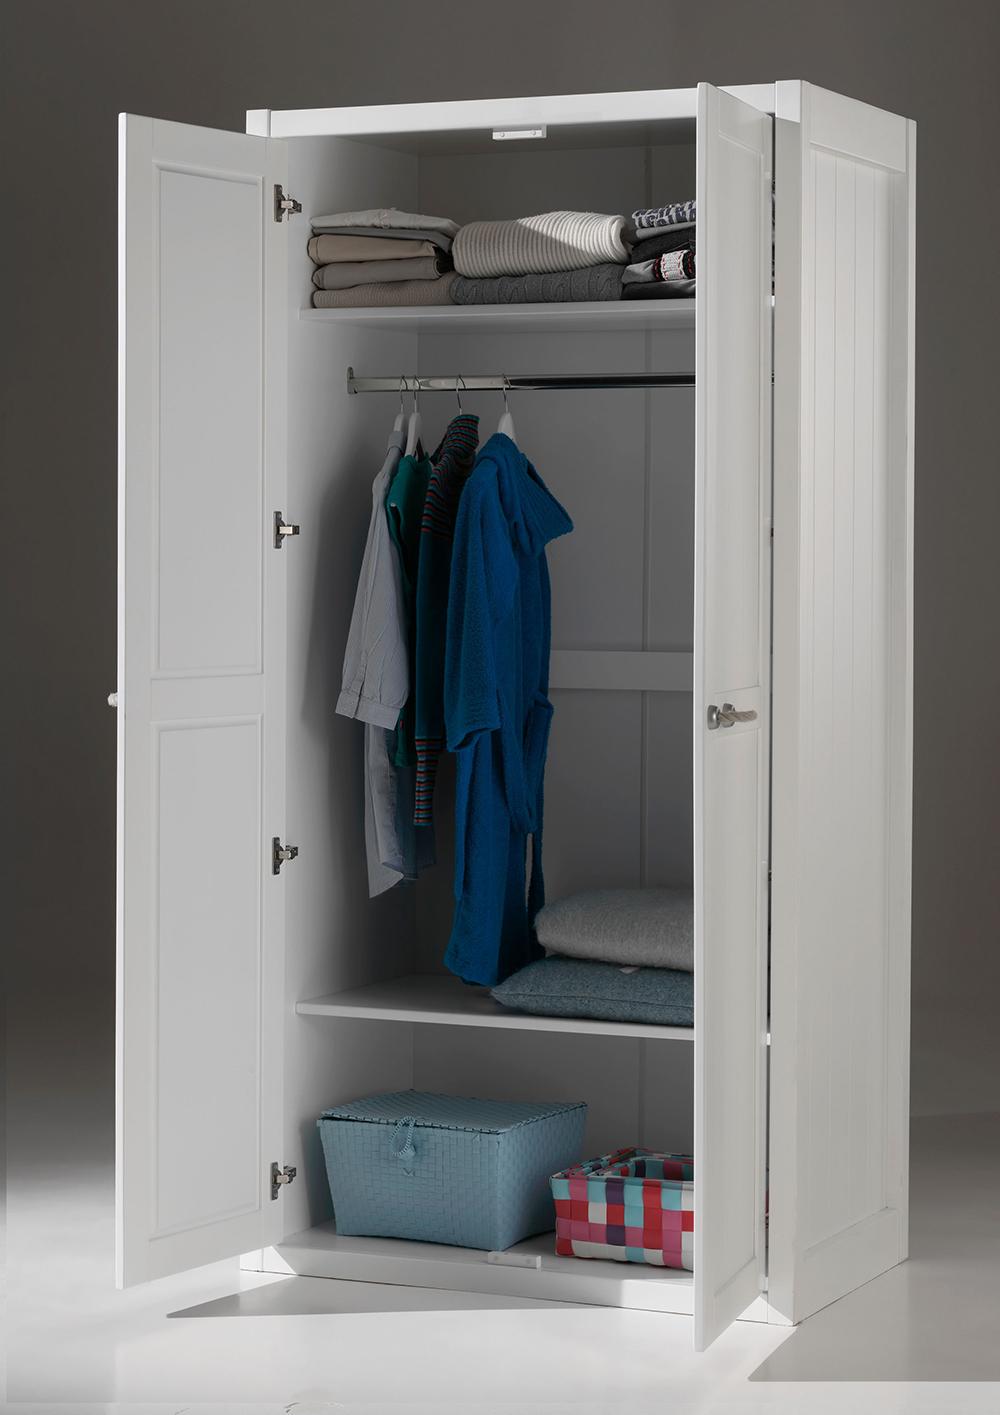 Kleiderschrank Lani weiß 2 Türen B 100 cm